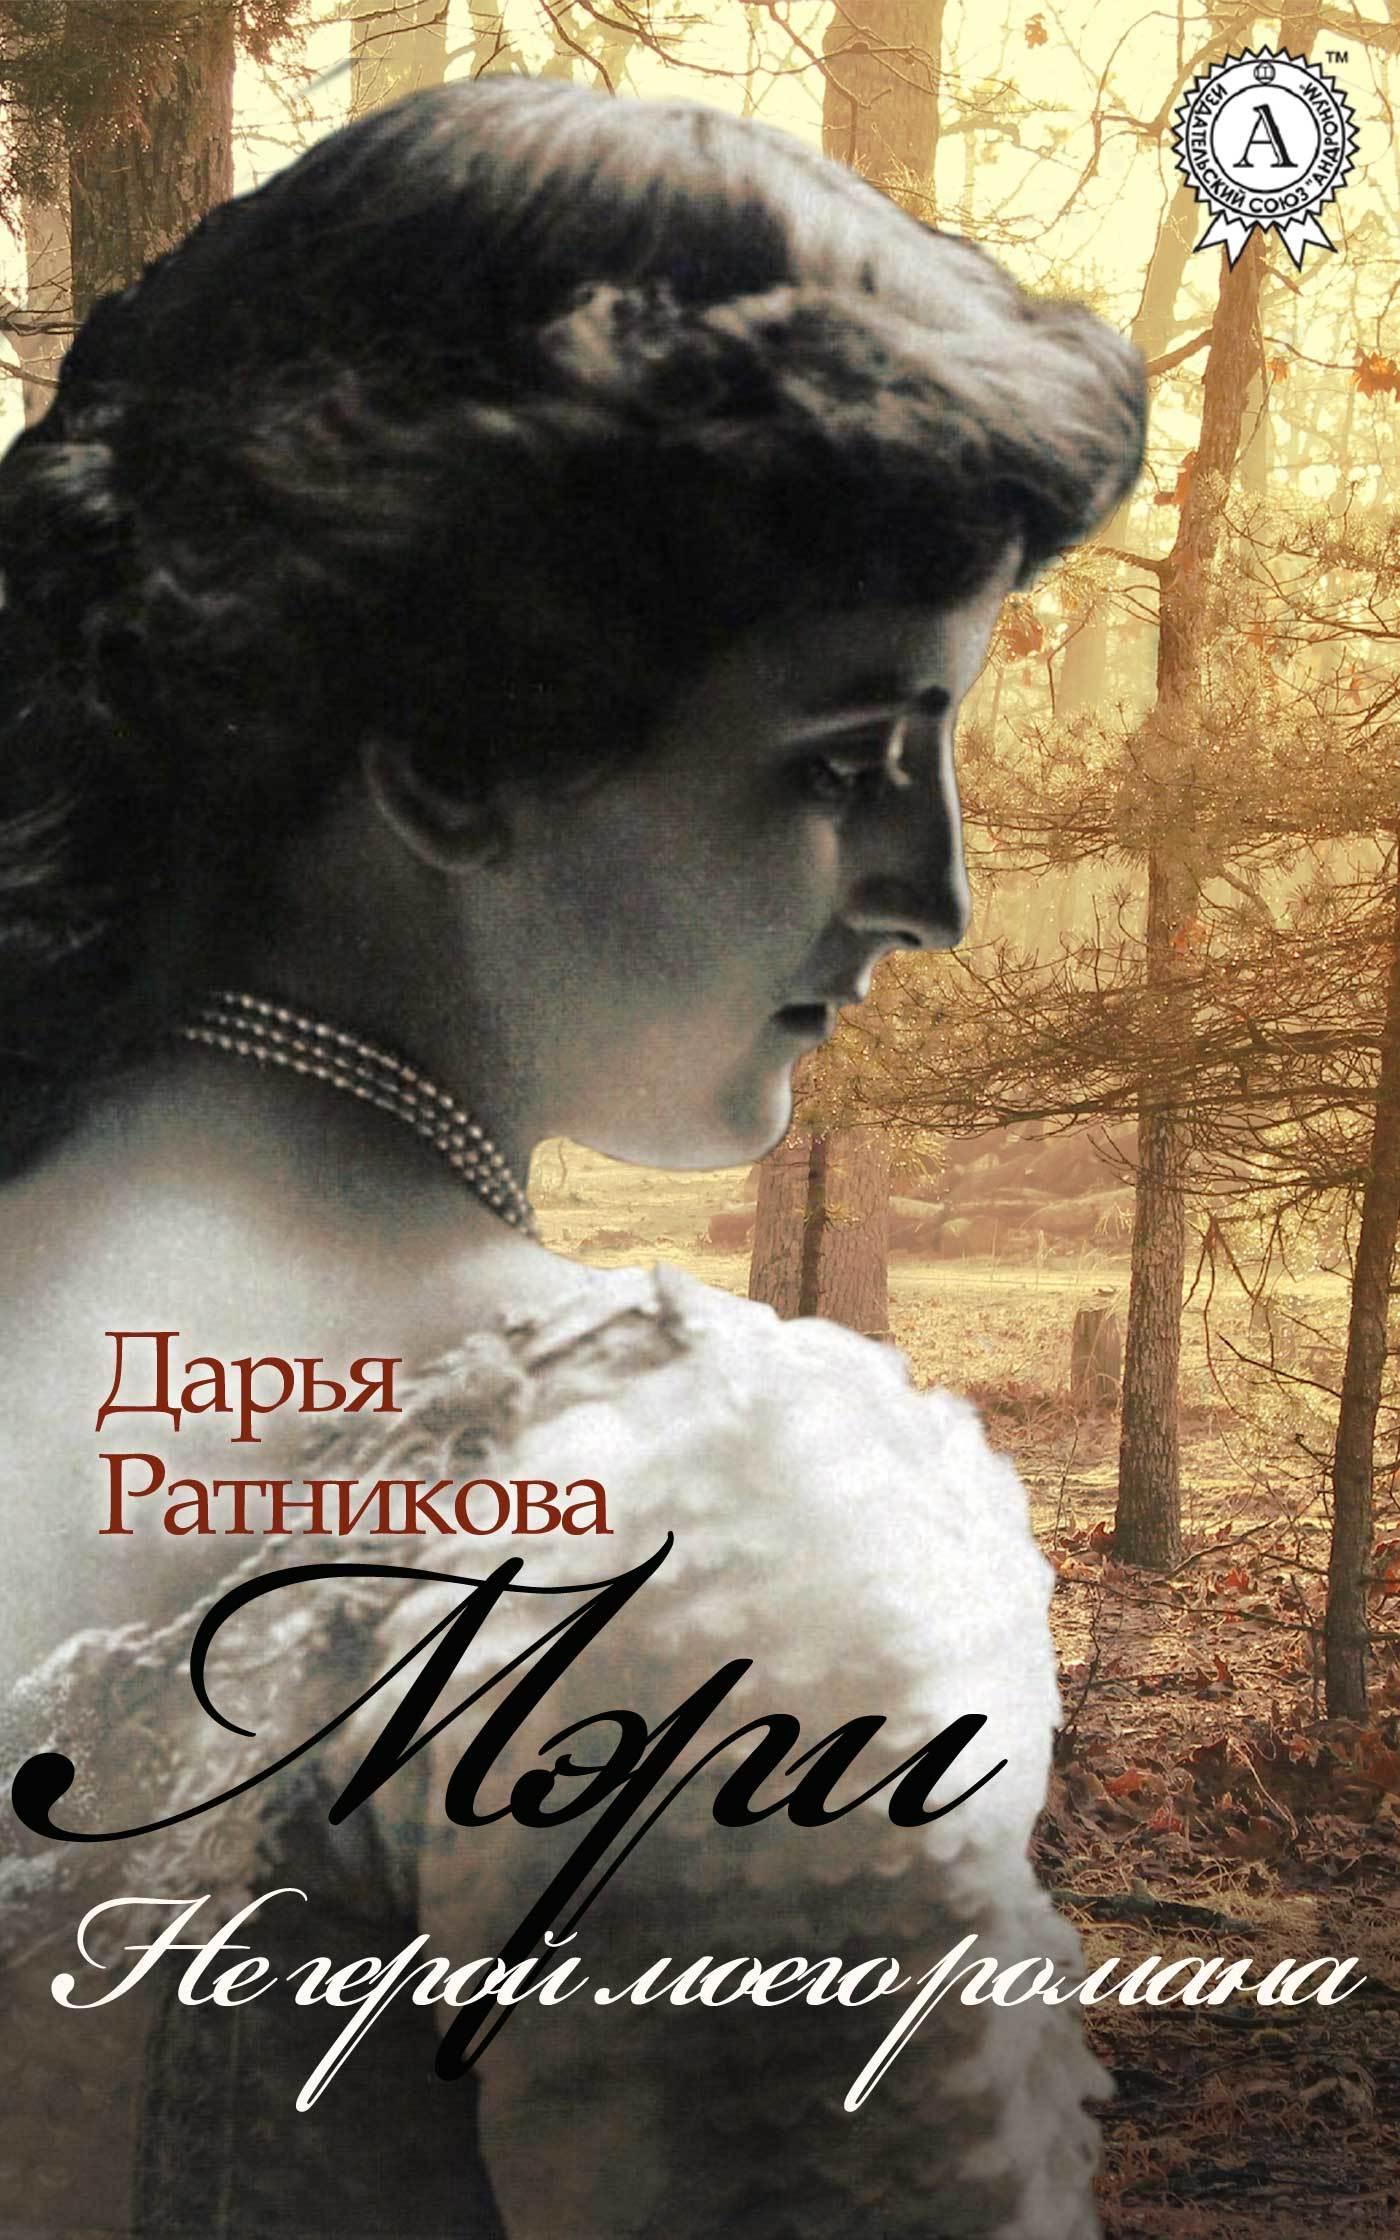 Мэри. Не герой моего романа случается спокойно и размеренно